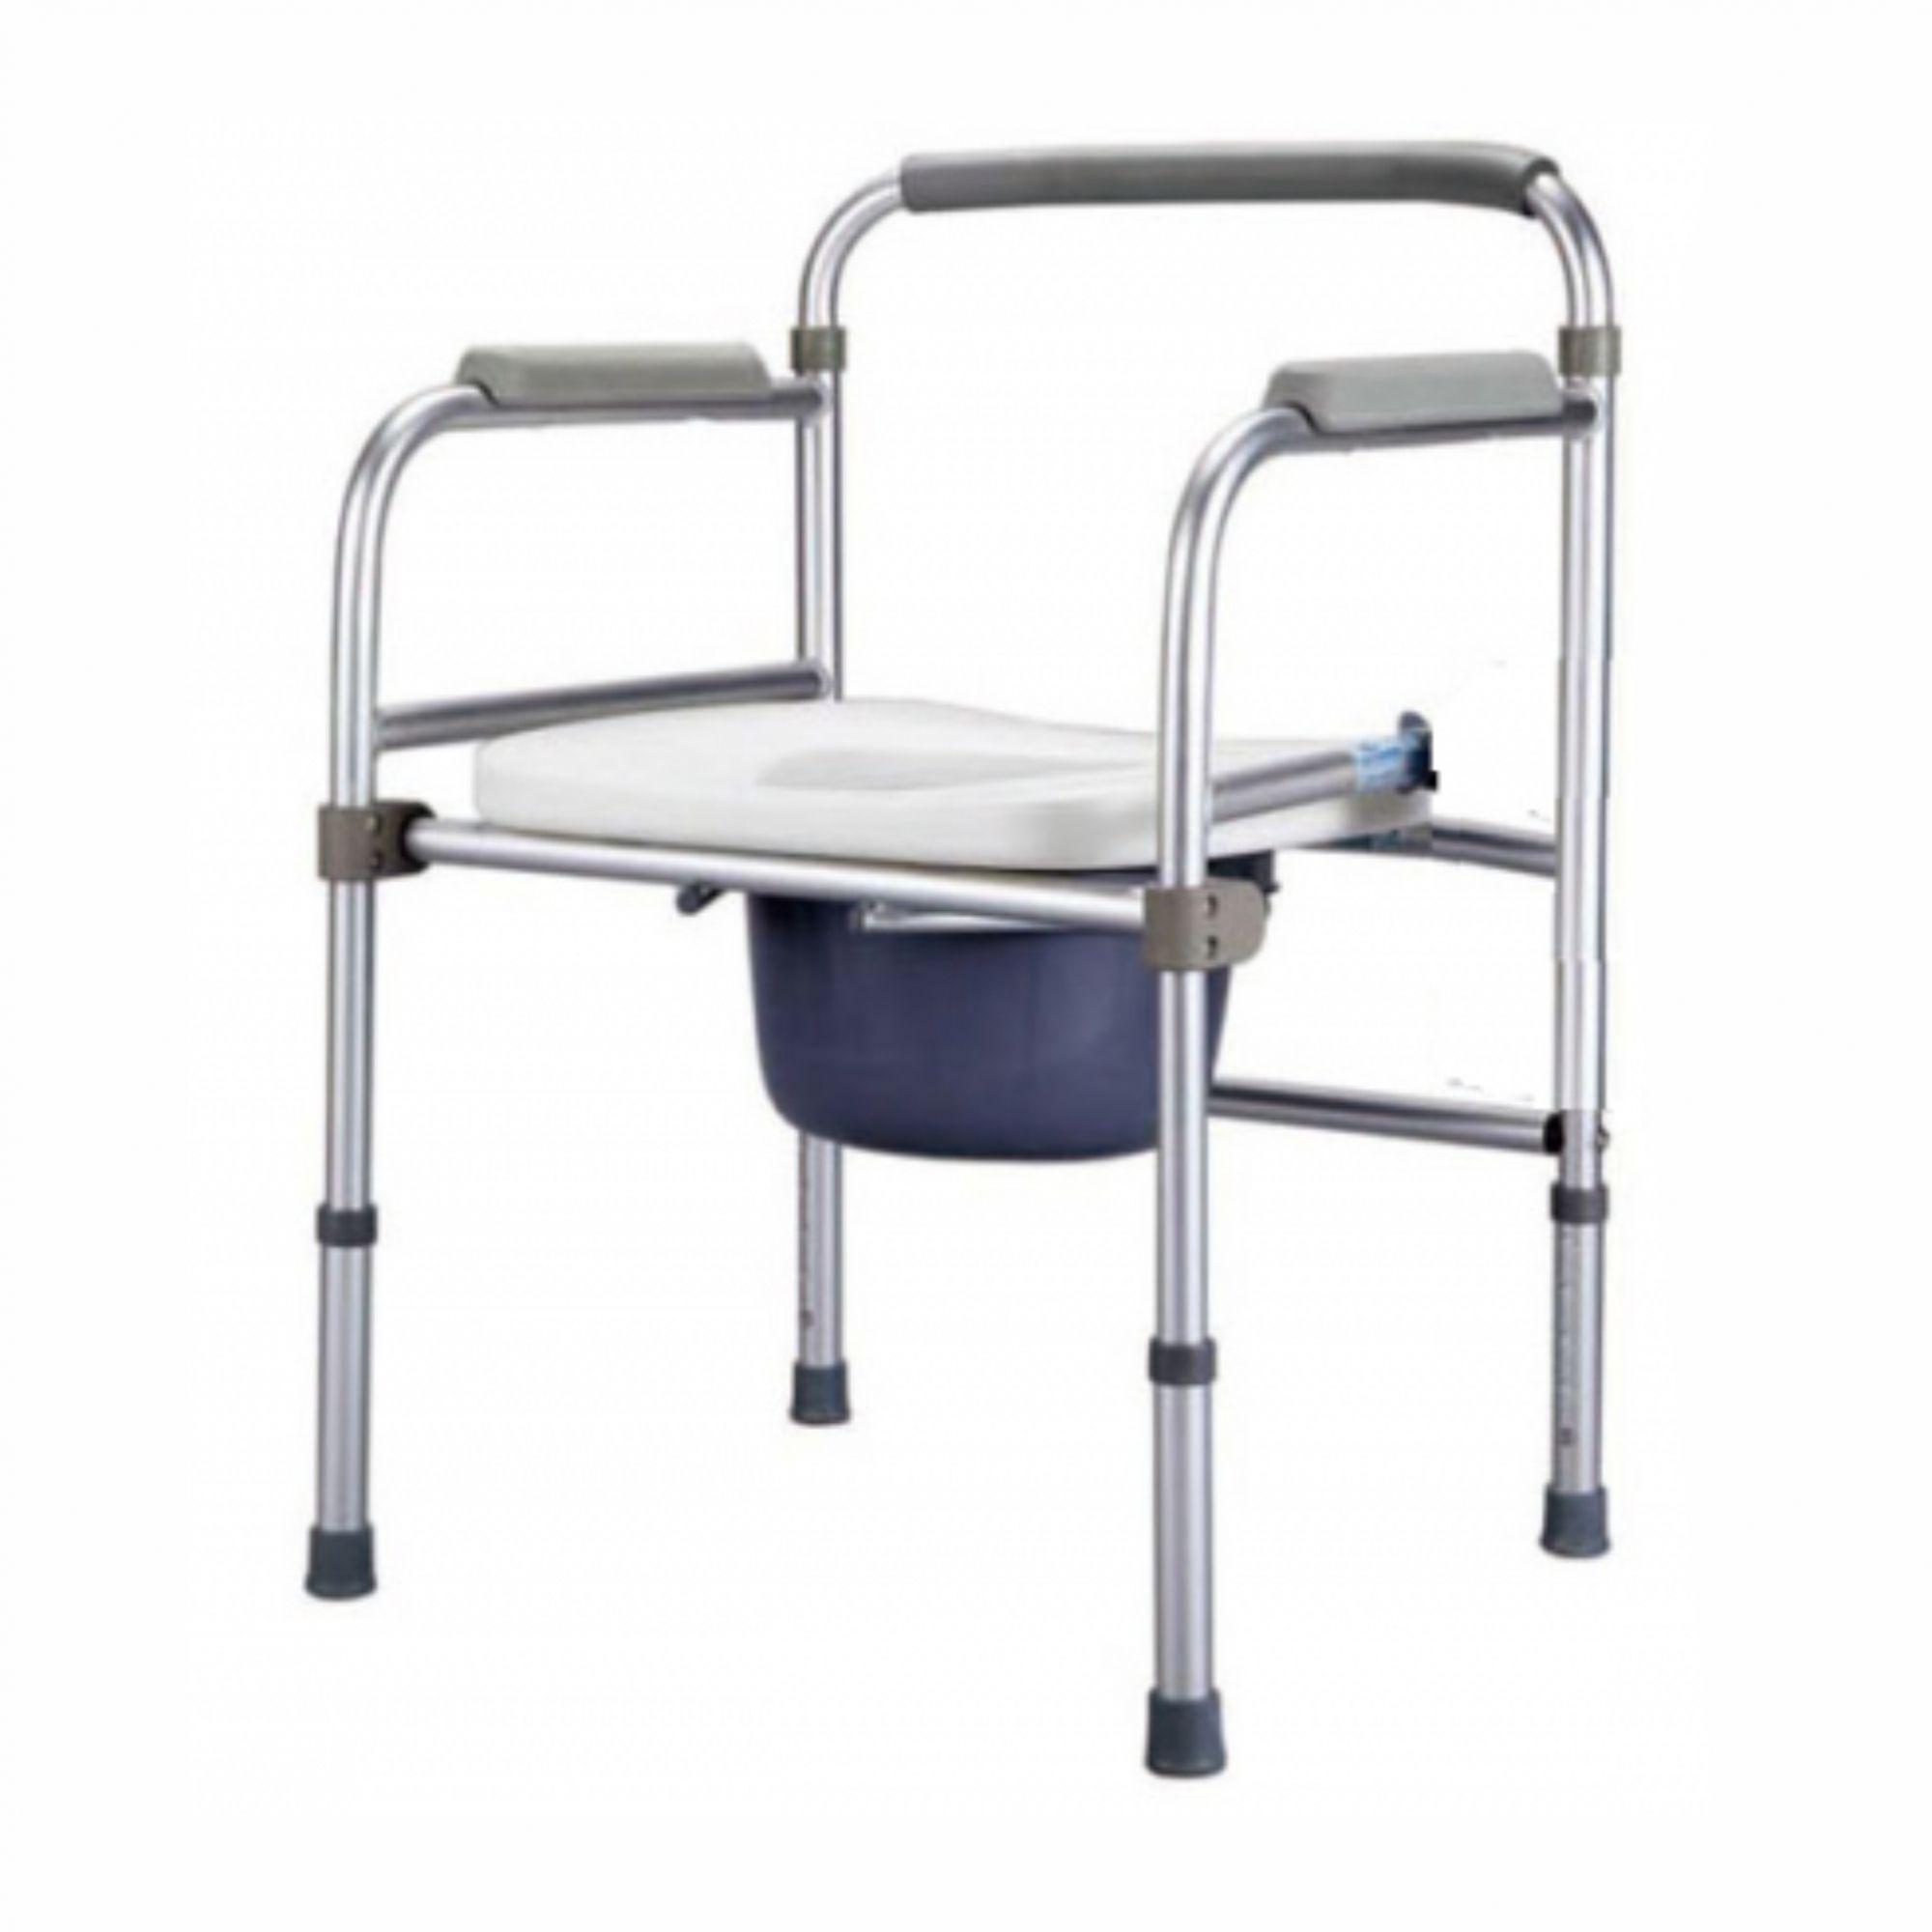 Cadeira de banho em alumínio dobrável ZIMEDICAL FST7800J